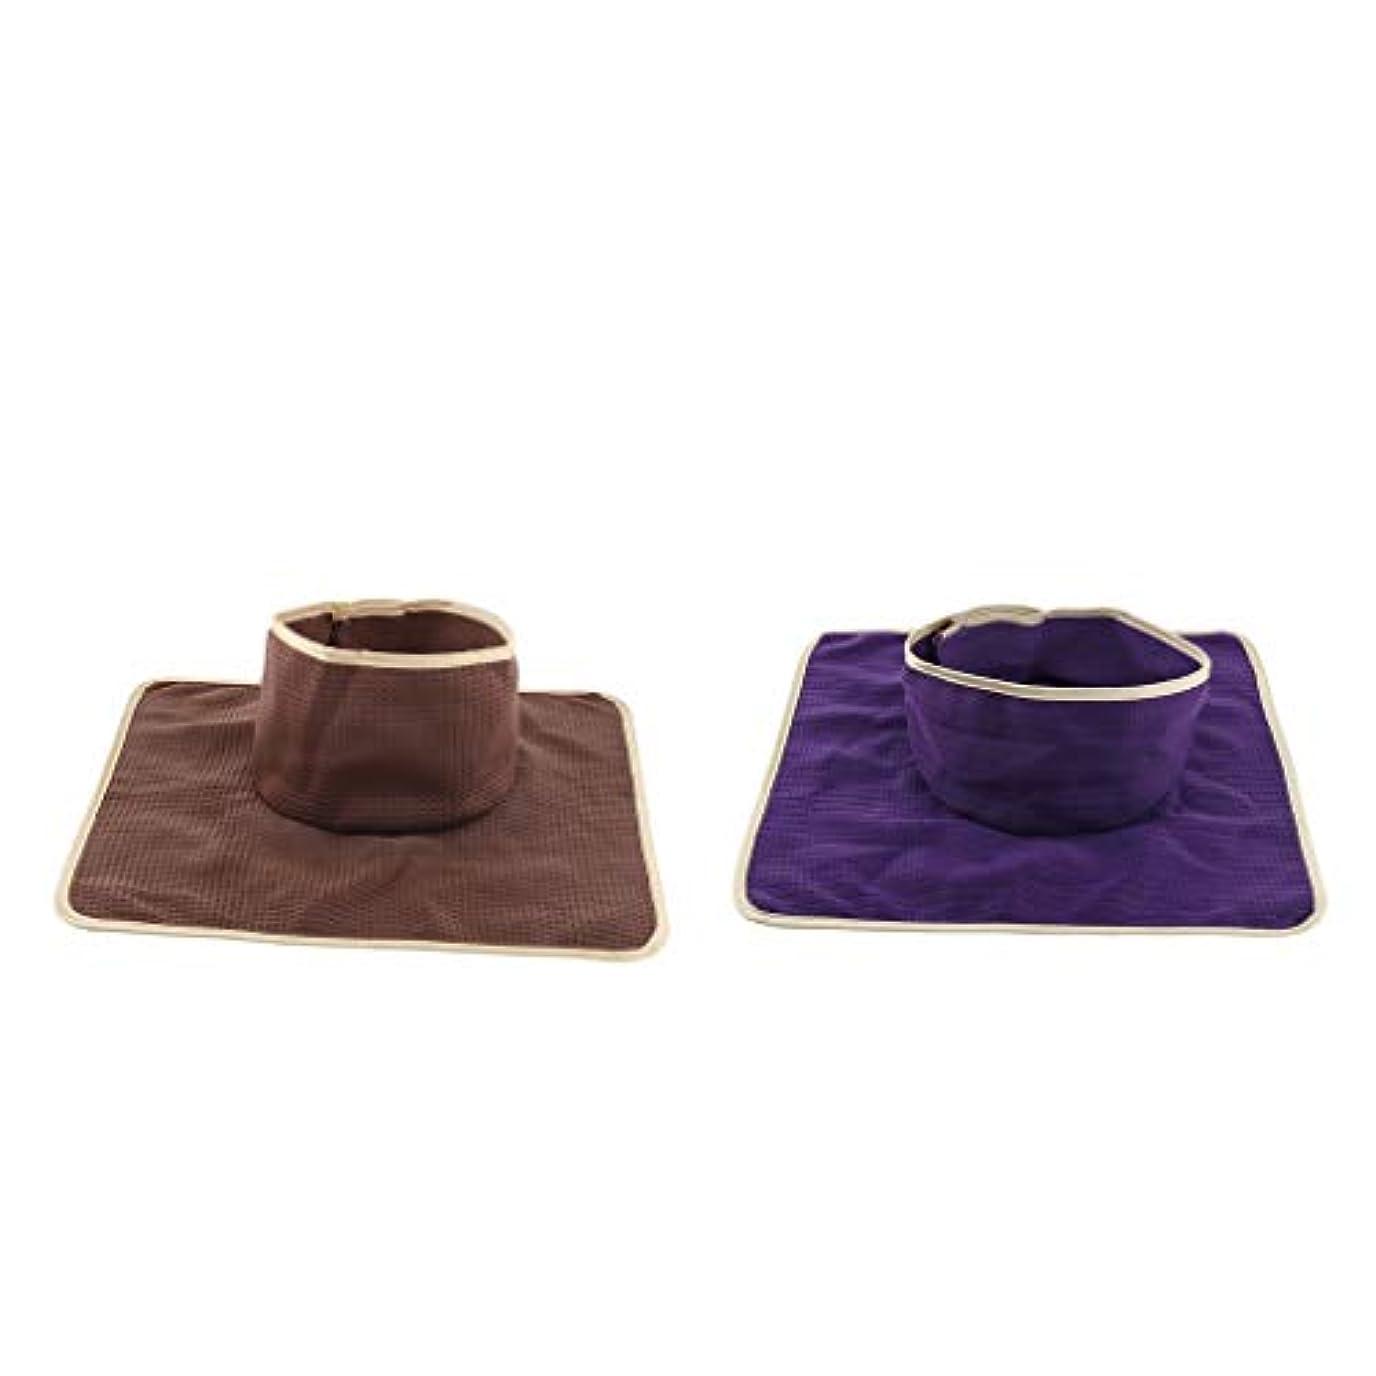 方法論アンティーク学部長フェイスホール付き 2ピース 洗え 再利用可能な マッサージ ベッドタトゥーテーブルシートパッド